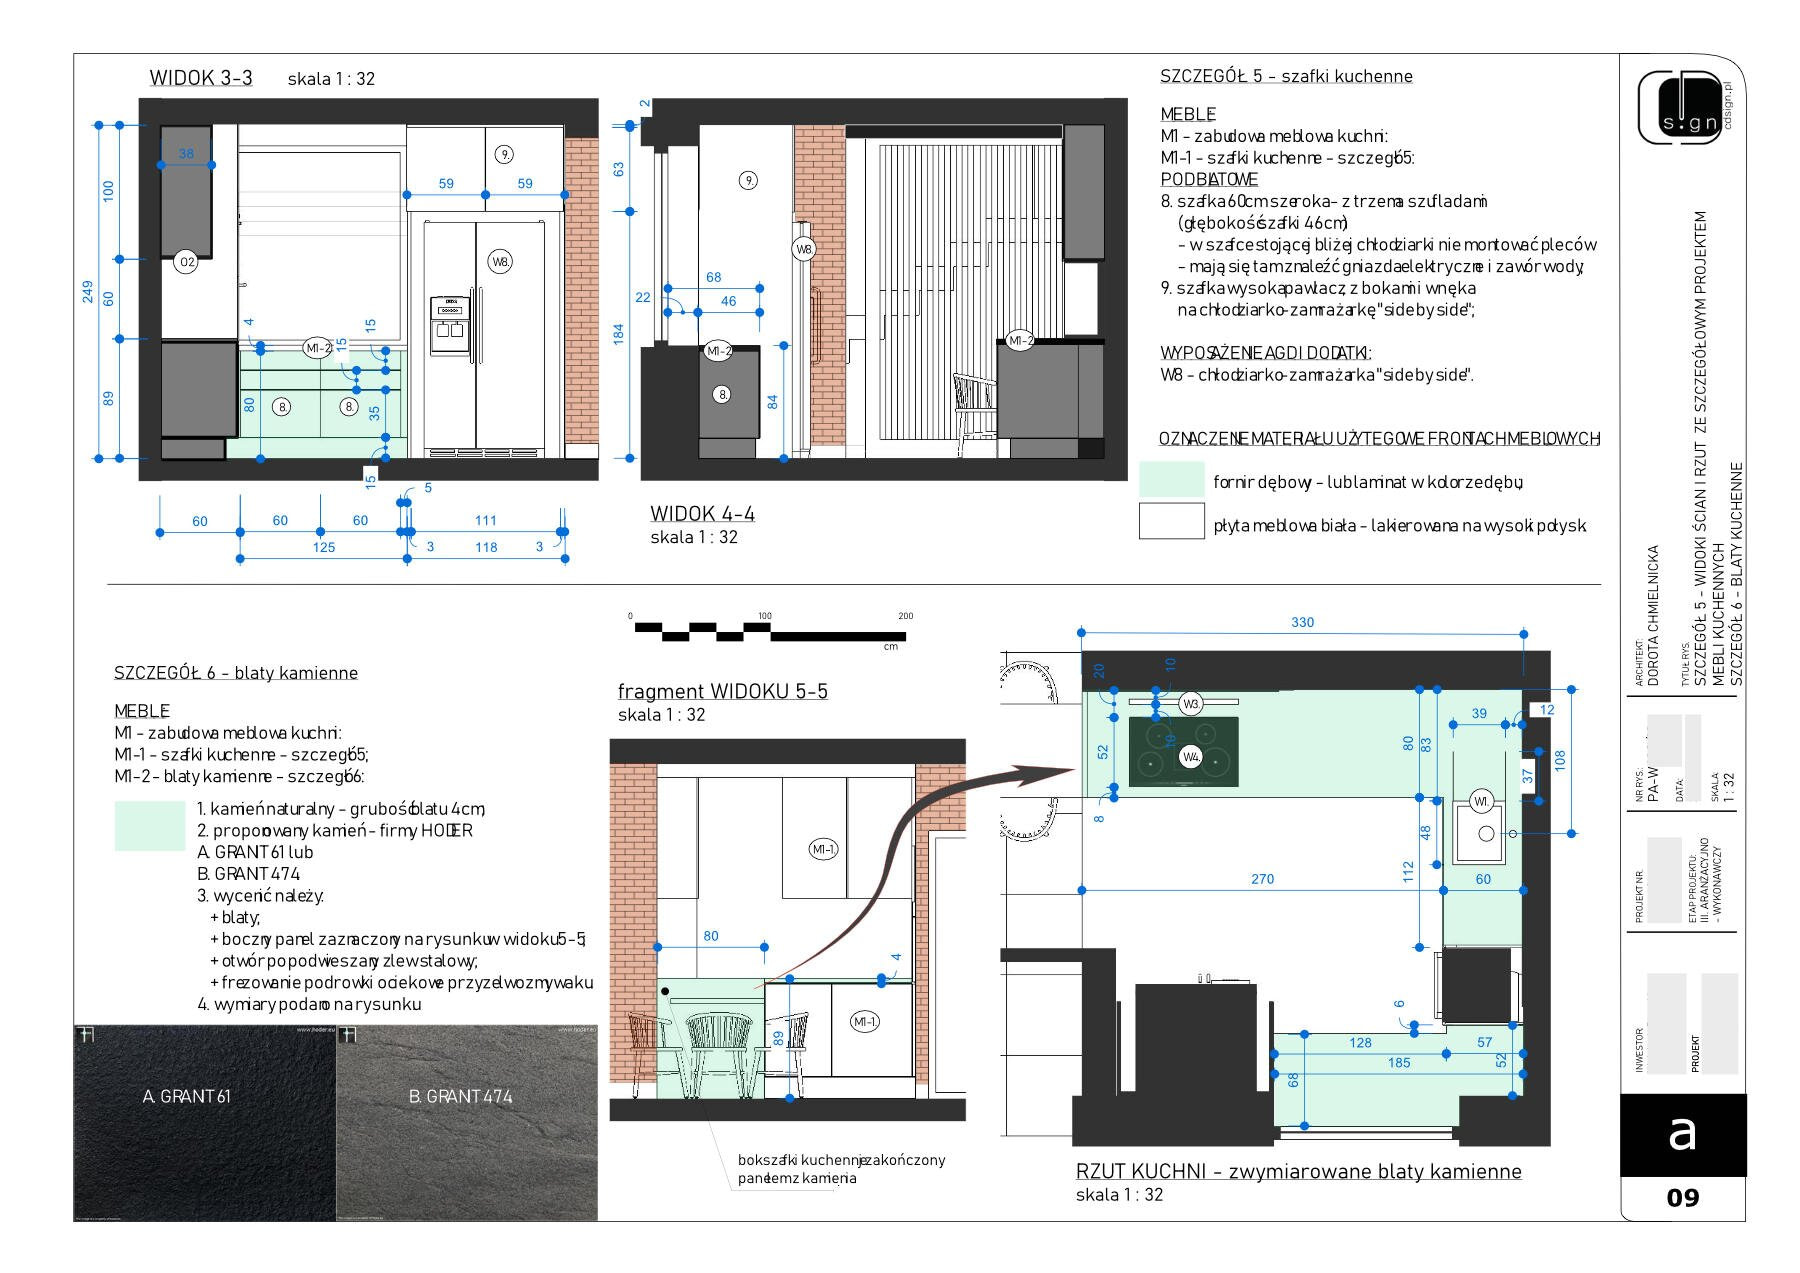 Rysunki projektowanych mebli i innych szczegółów